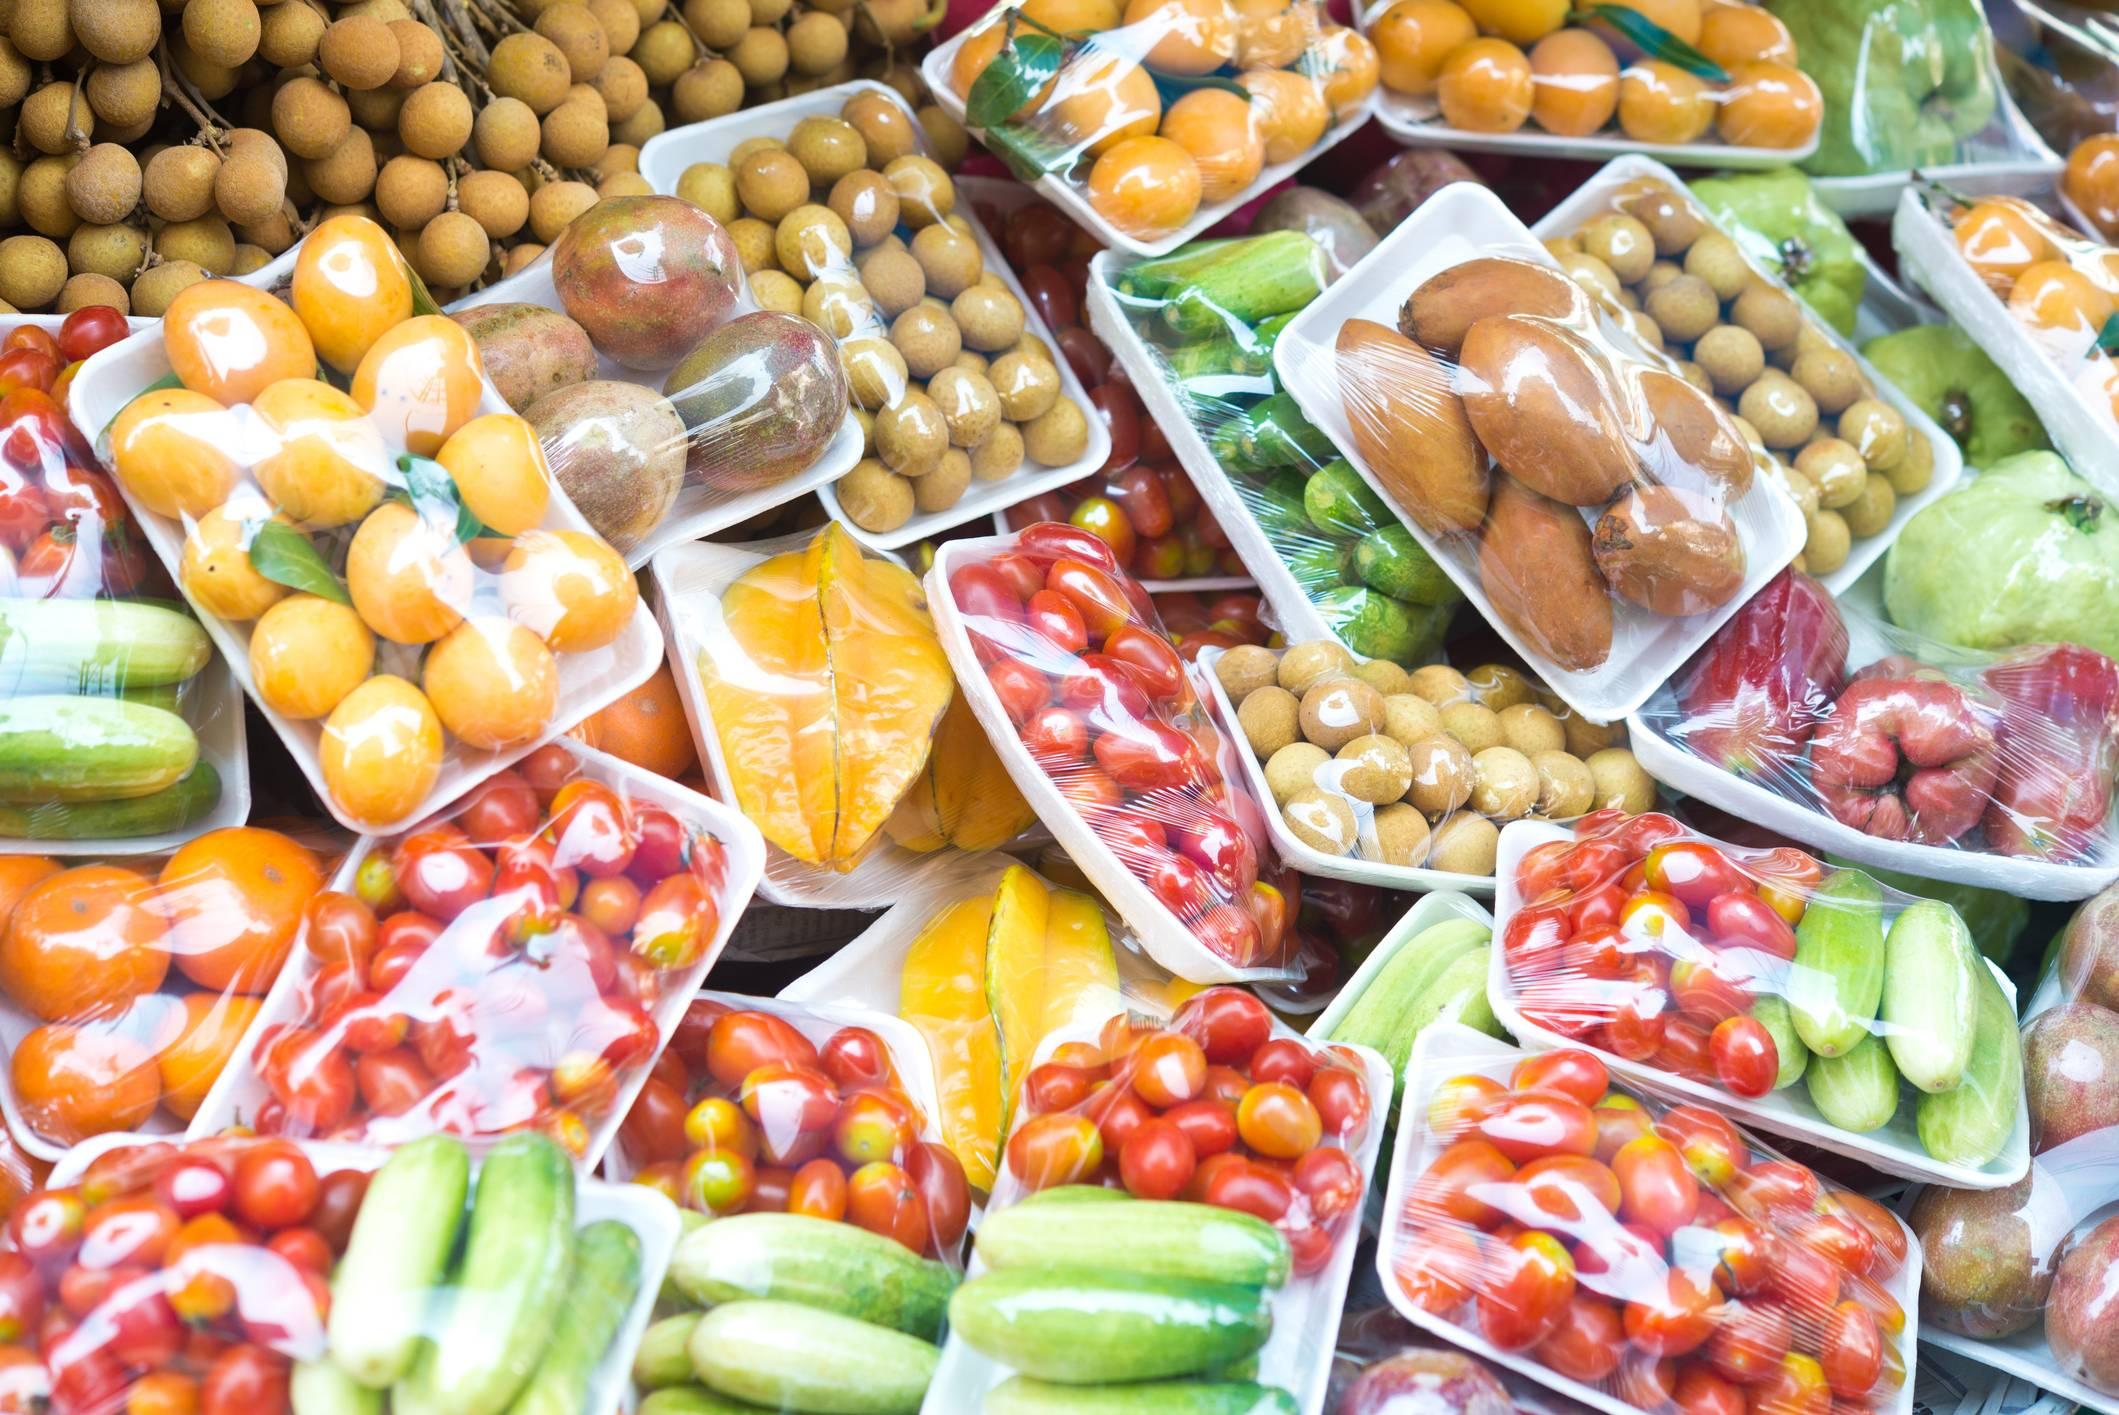 il cibo sostenibile e i suoi inganni